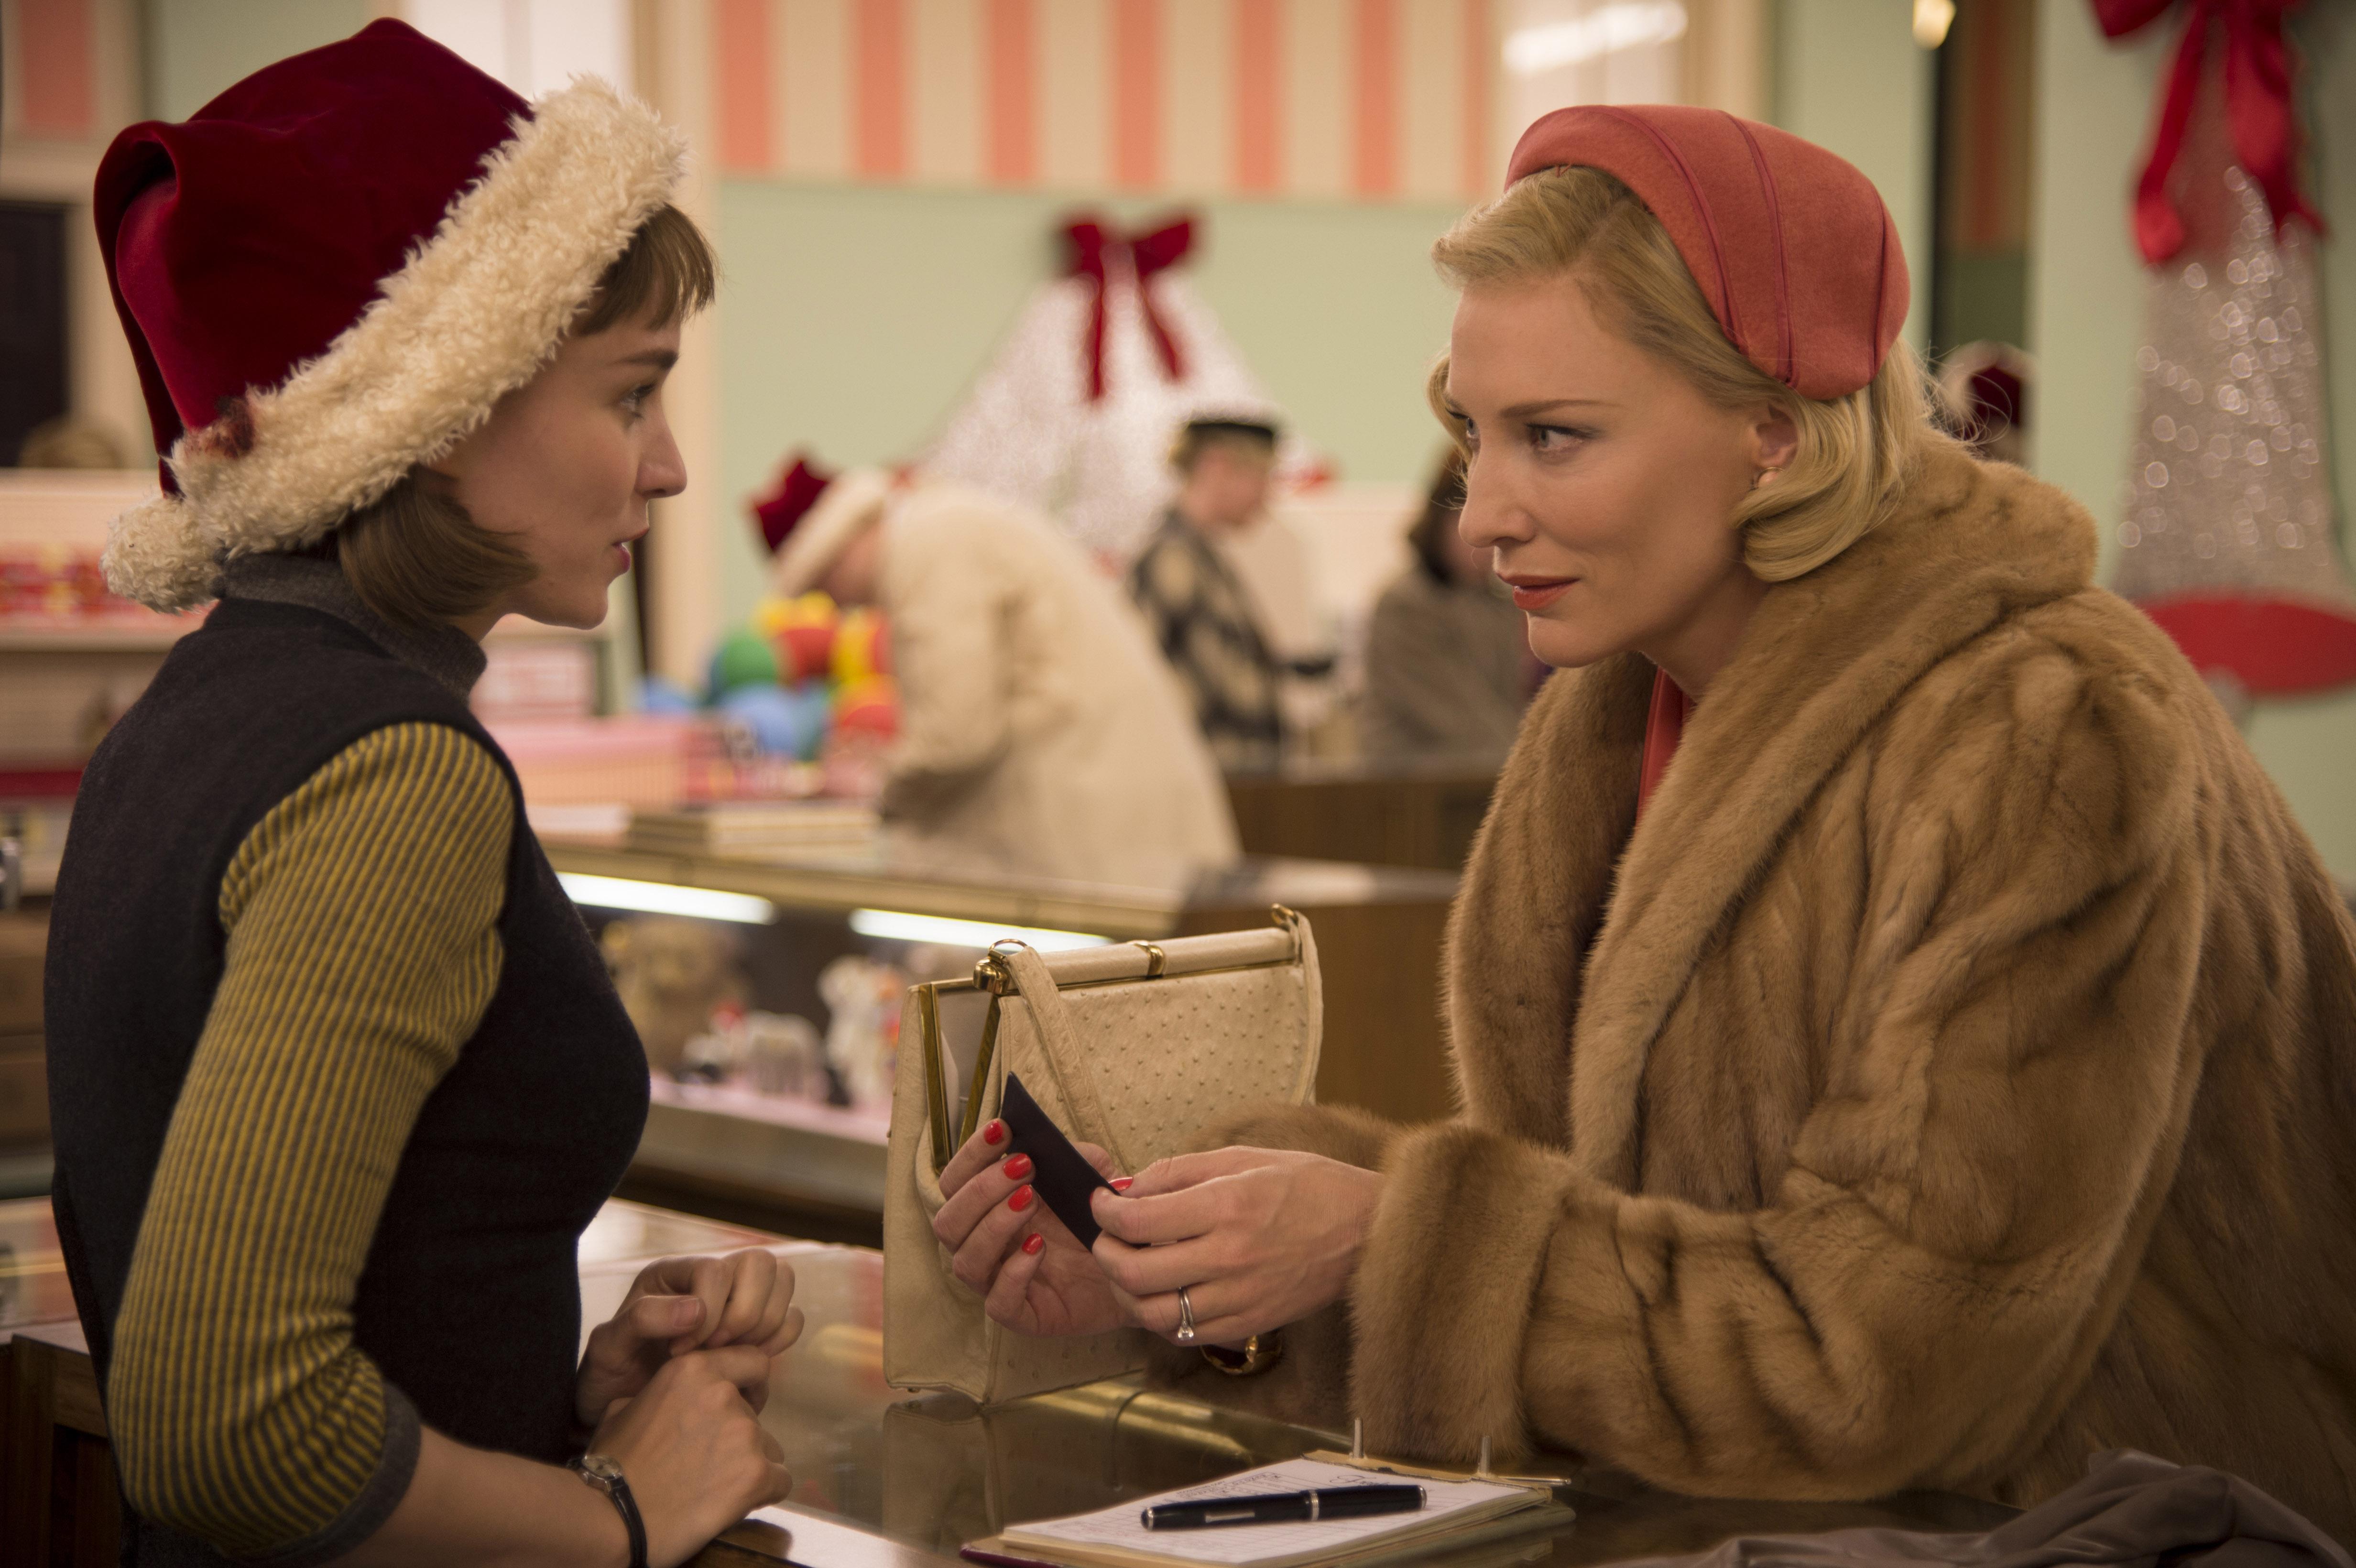 ROONEY MARA et CATE BLANCHETT dans le film CAROL